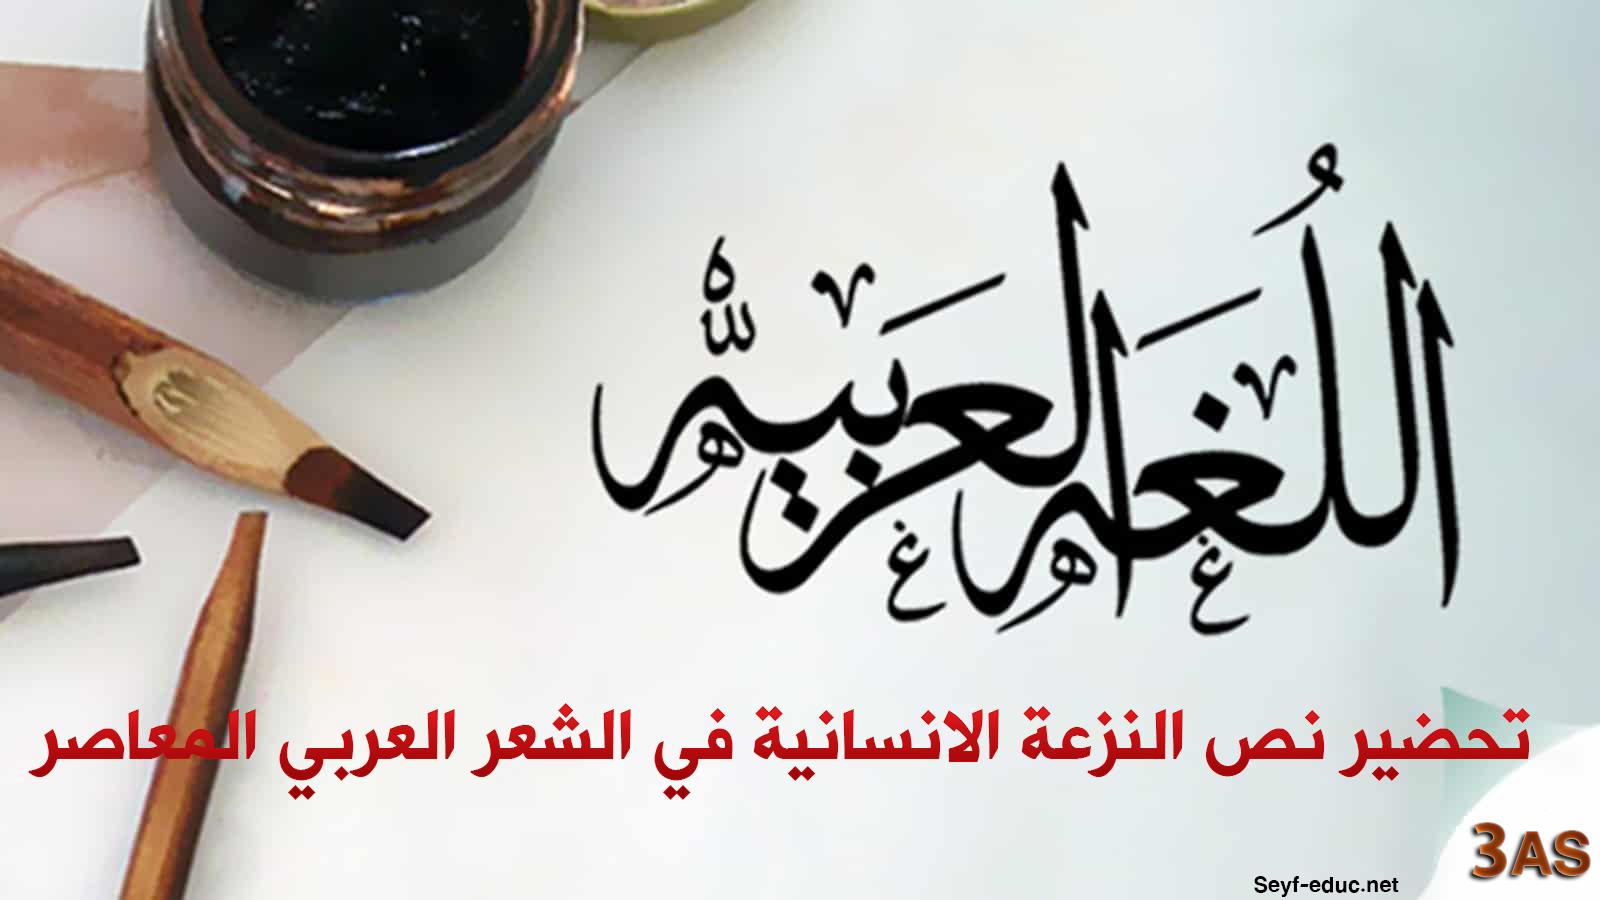 تحضير نص النزعة الانسانية في الشعر العربي المعاصر للسنة الثالثة ثانوي علمي